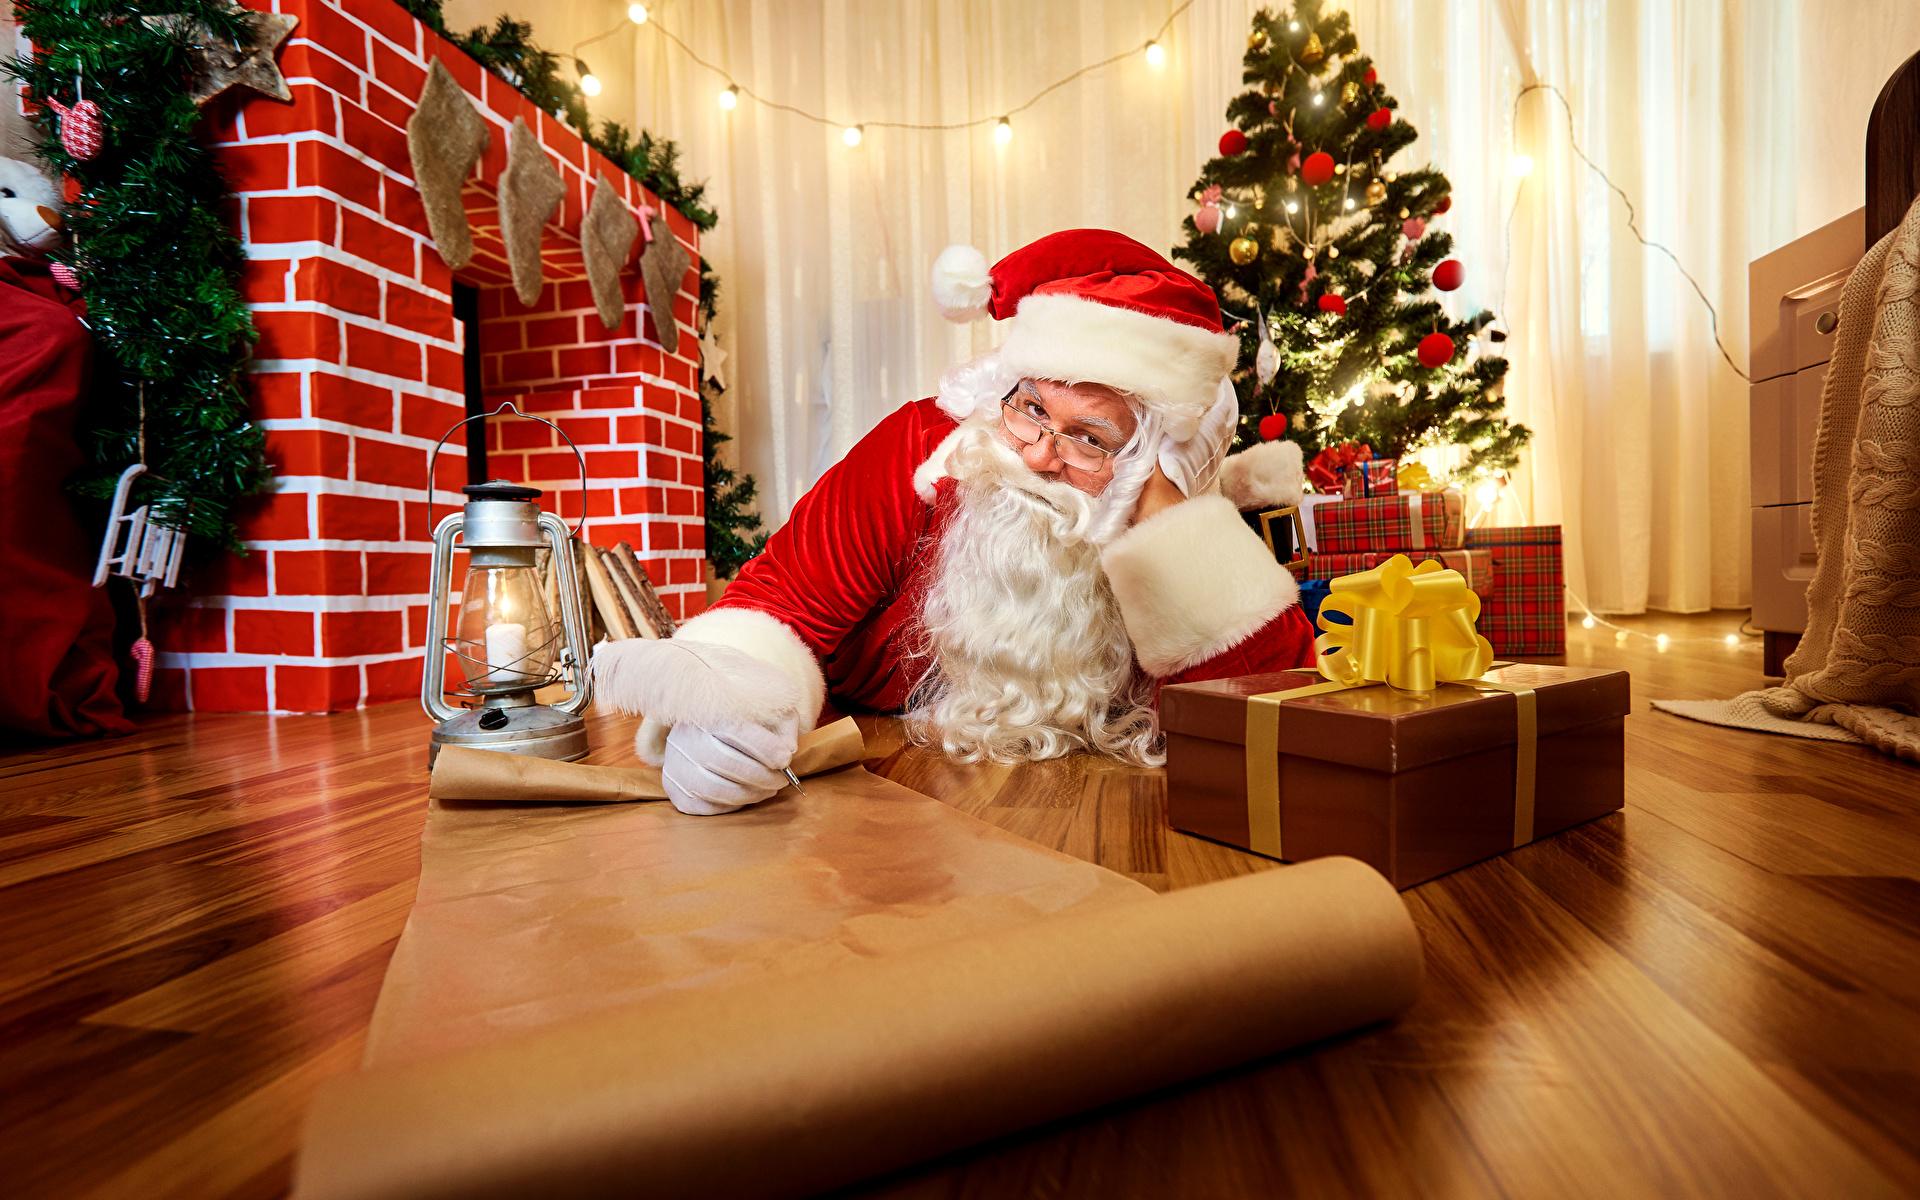 Праздник новый год дед мороз